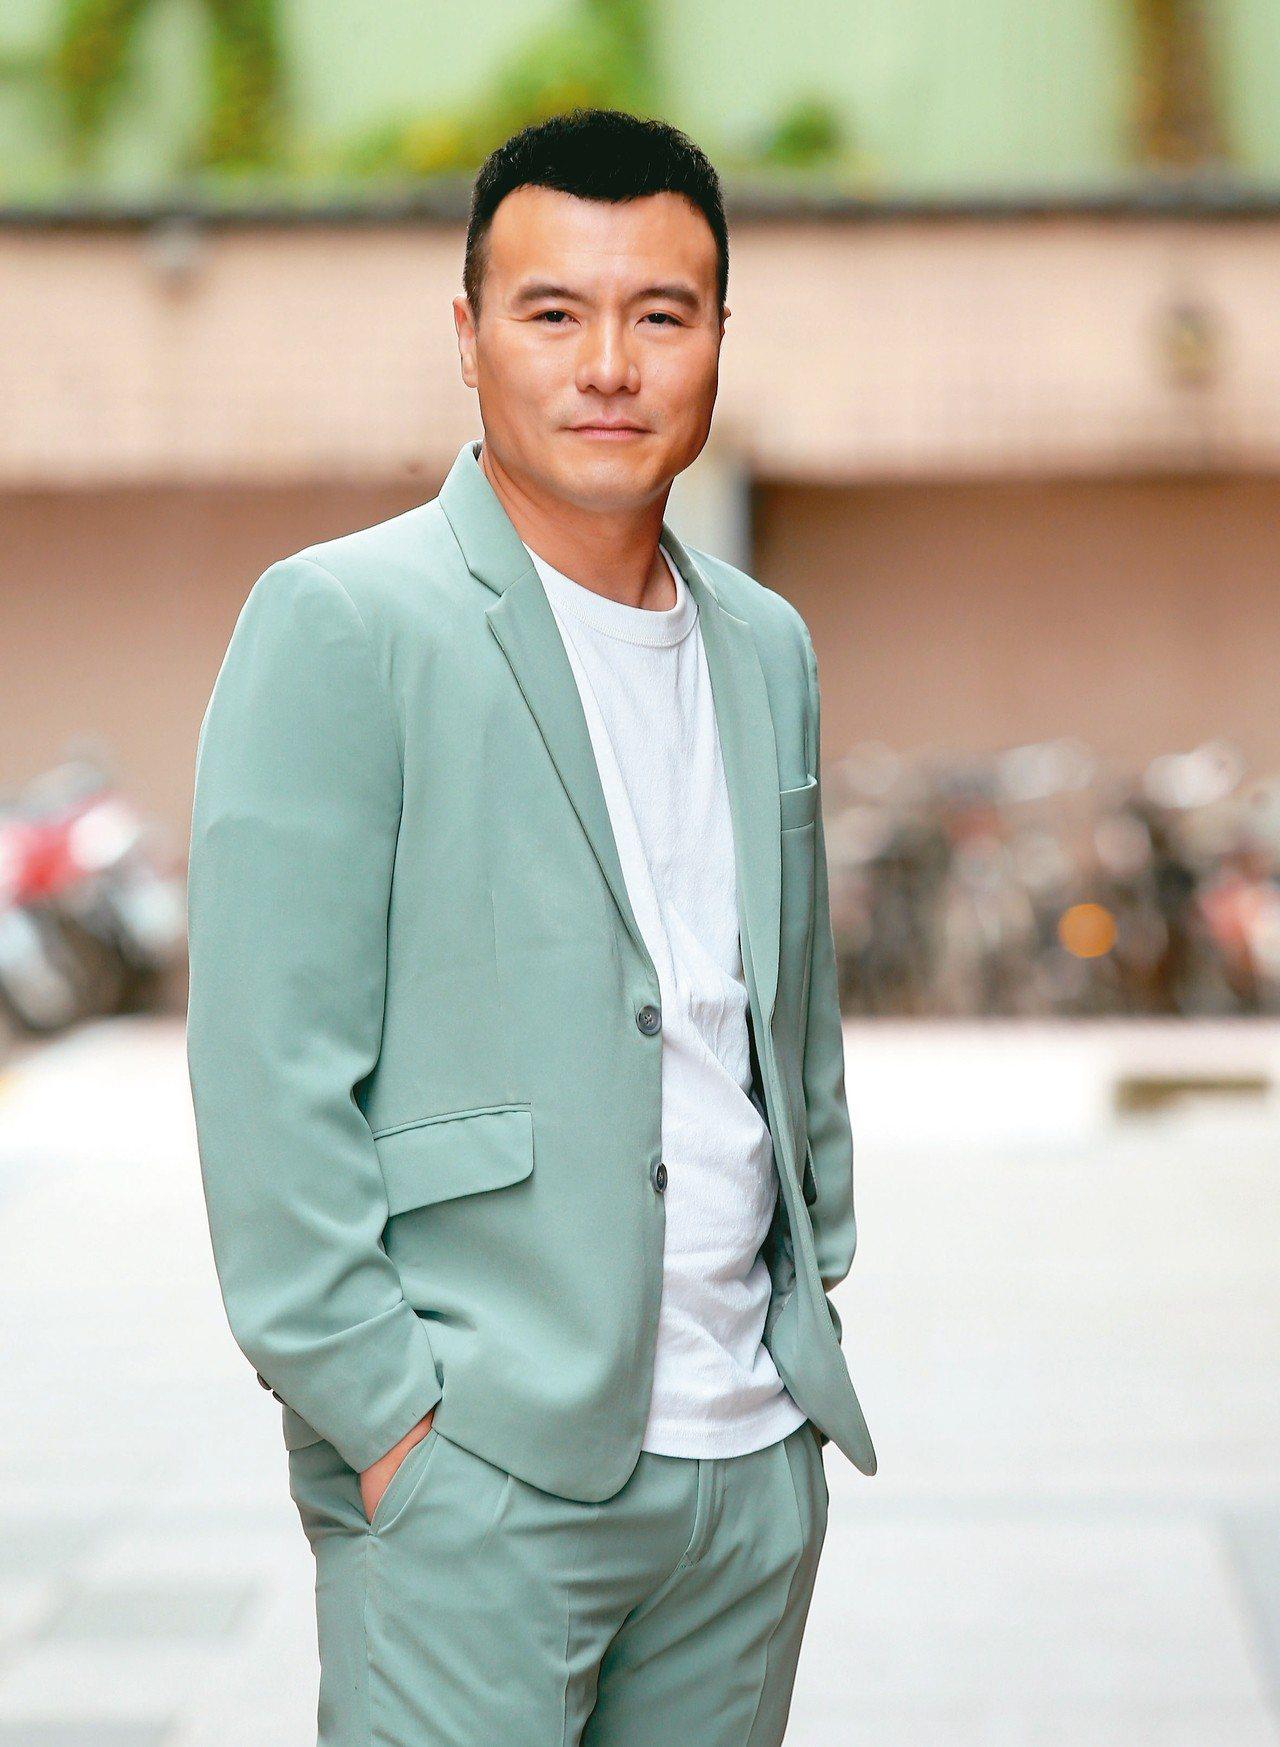 李銘忠曾參與國片「狂徒」的演出 。 記者徐兆玄/攝影